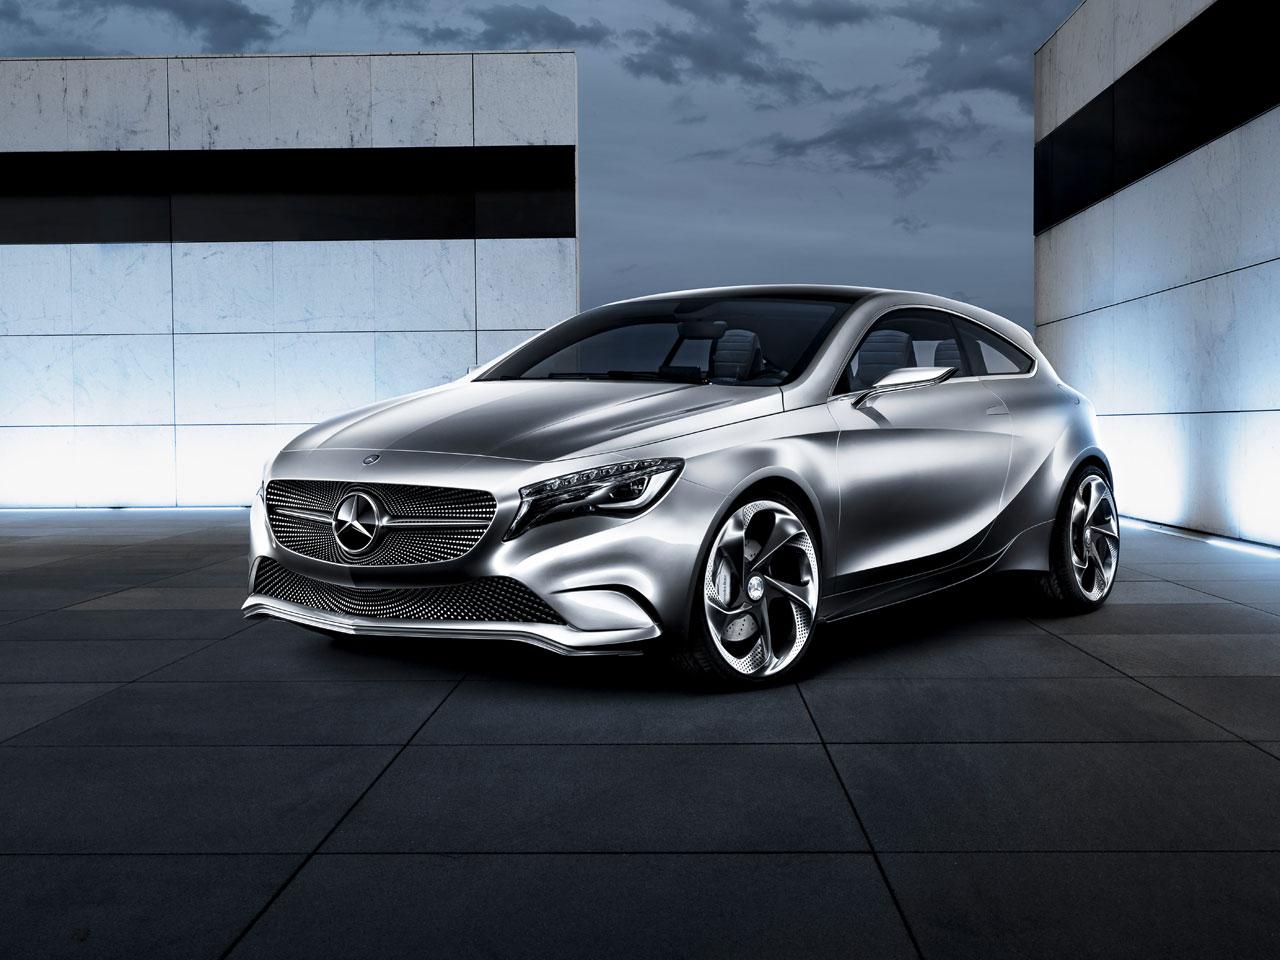 08_Mercedes-Benz-Concept-A-Class-061